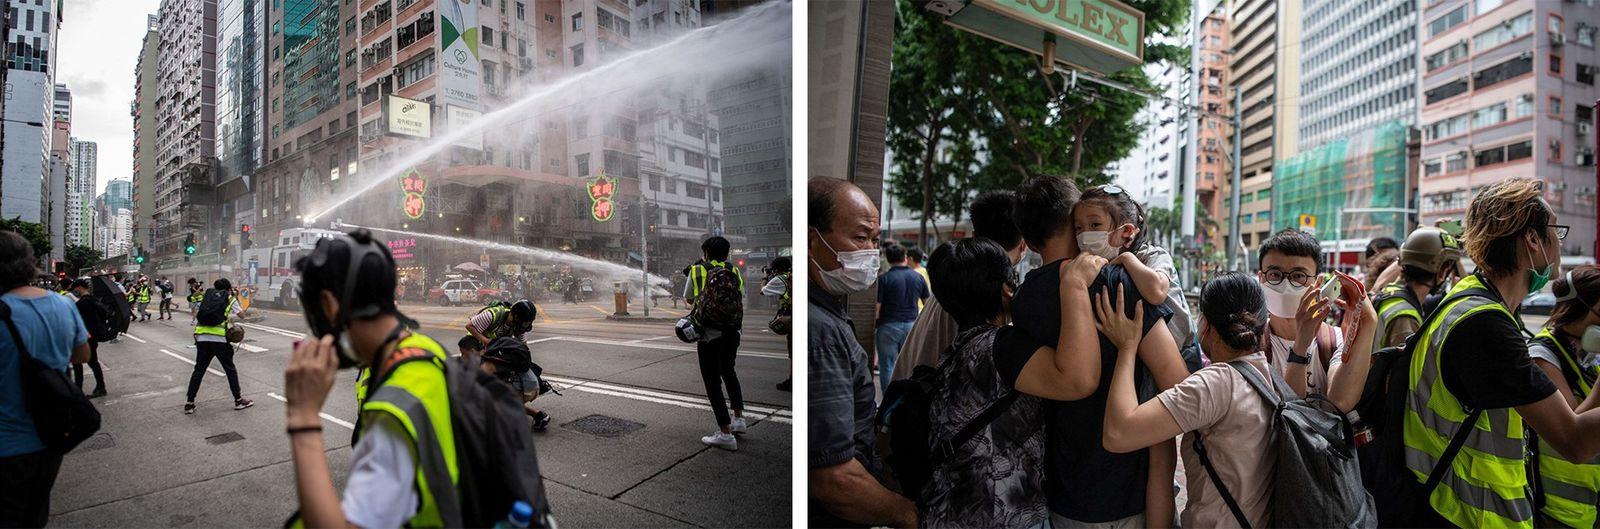 Esquerda: Jornalistas com coletes amarelos tentam proteger-se enquanto um camião da polícia com canhões de água ...